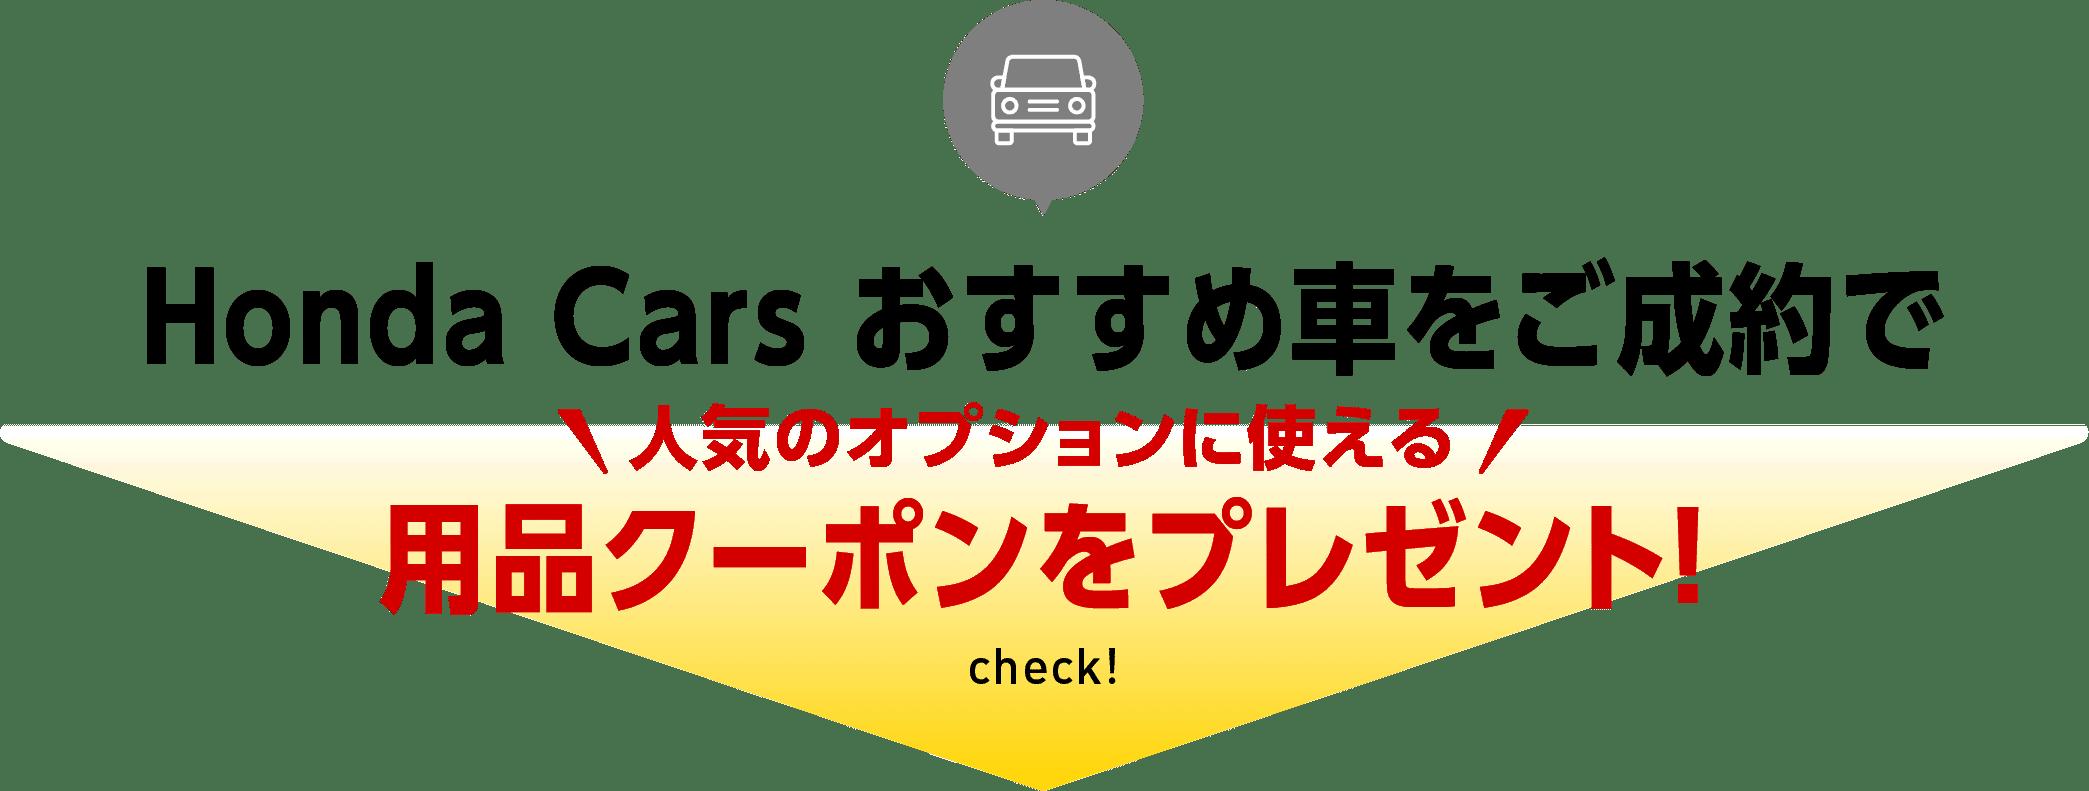 Honda Cars おすすめ車をご成約で人気のオプションをプレゼント!